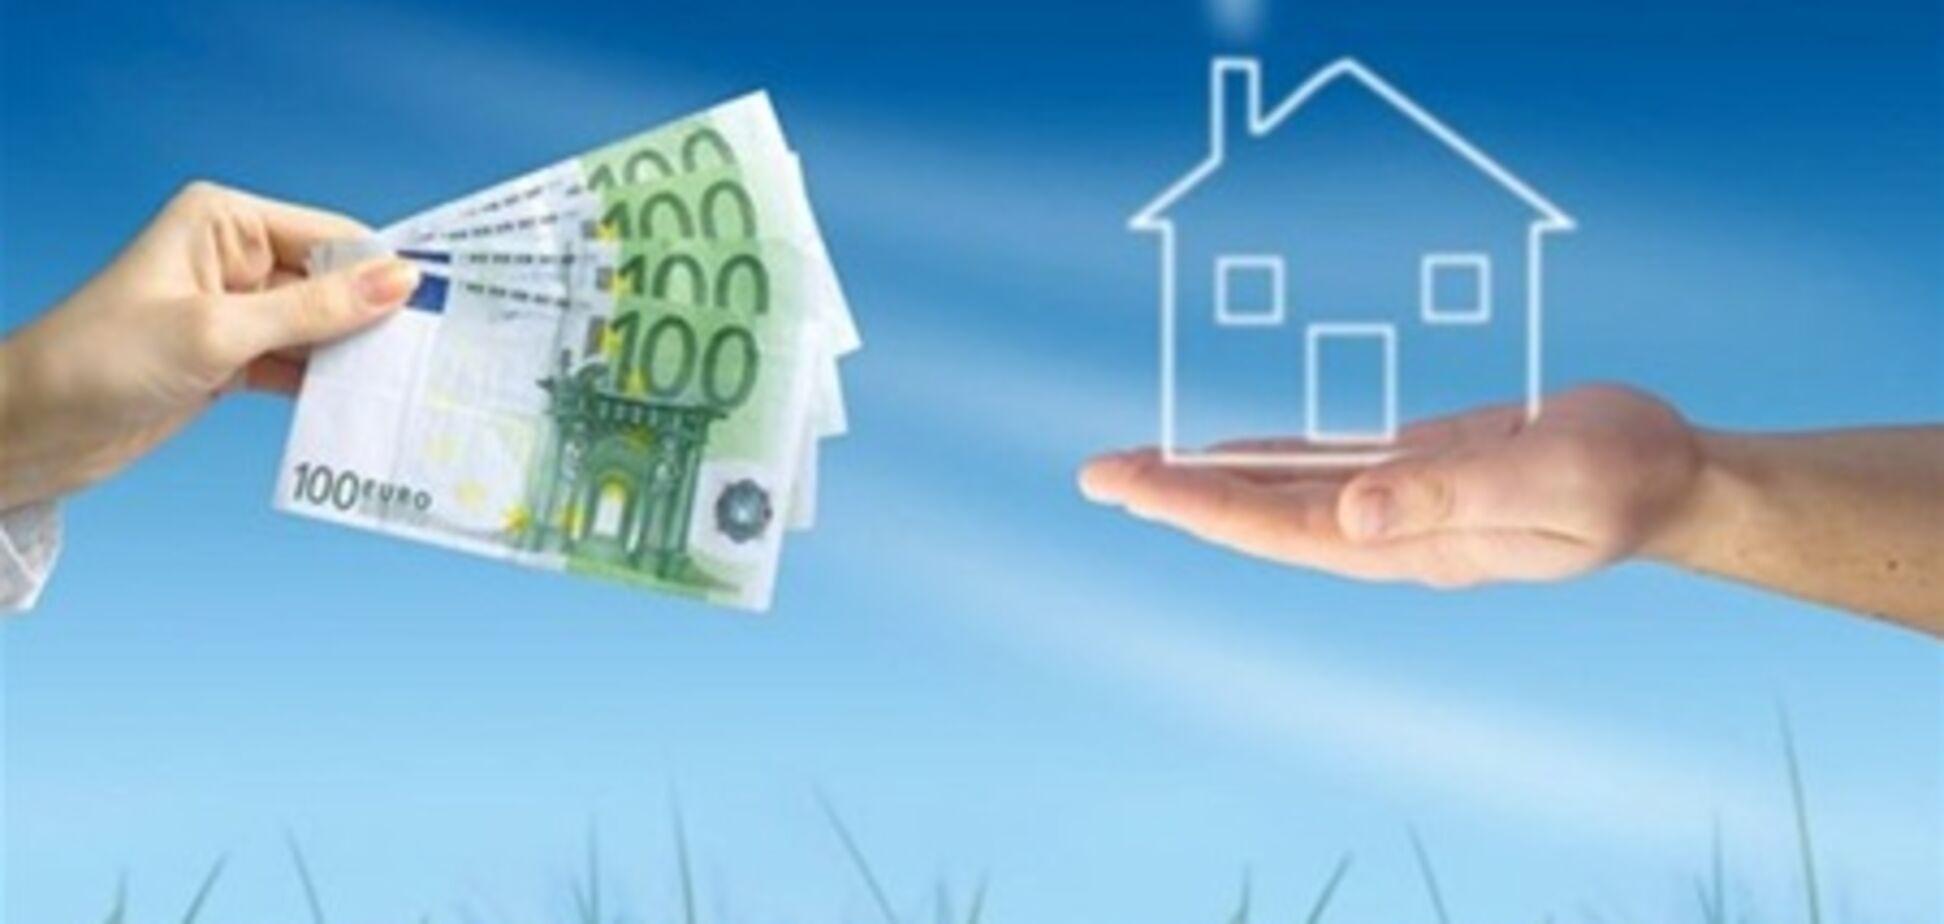 Будут ли ипотечные кредиты дешеветь в 2012 году?